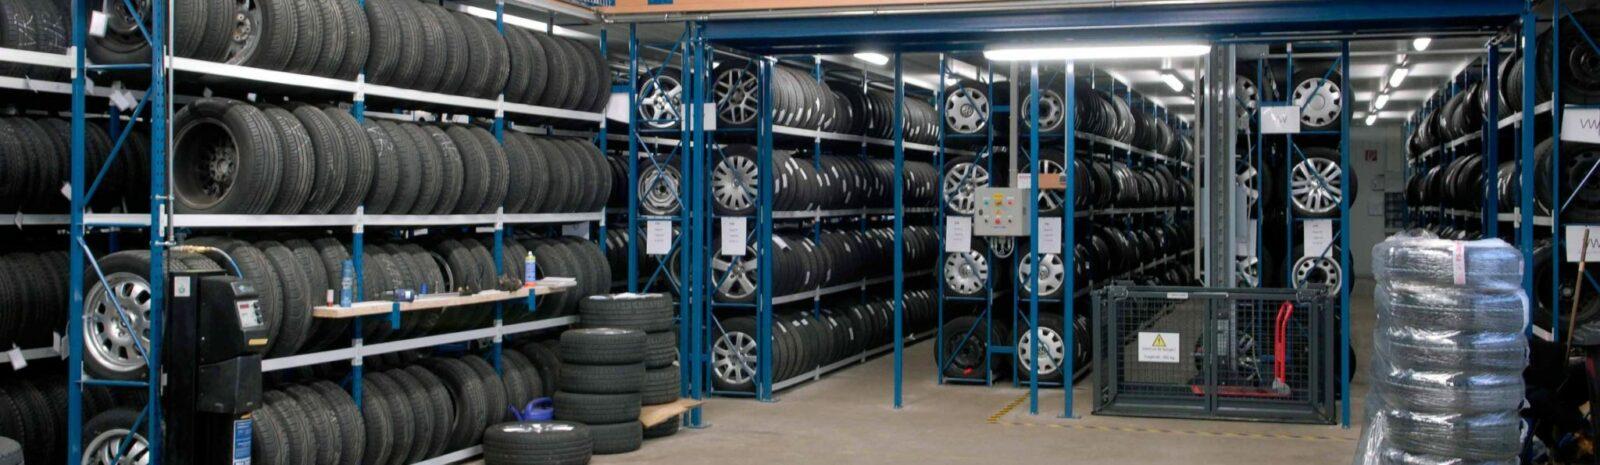 Хранение резины – Москва, цены от современного Professional24. Доставка колес за наш счет!